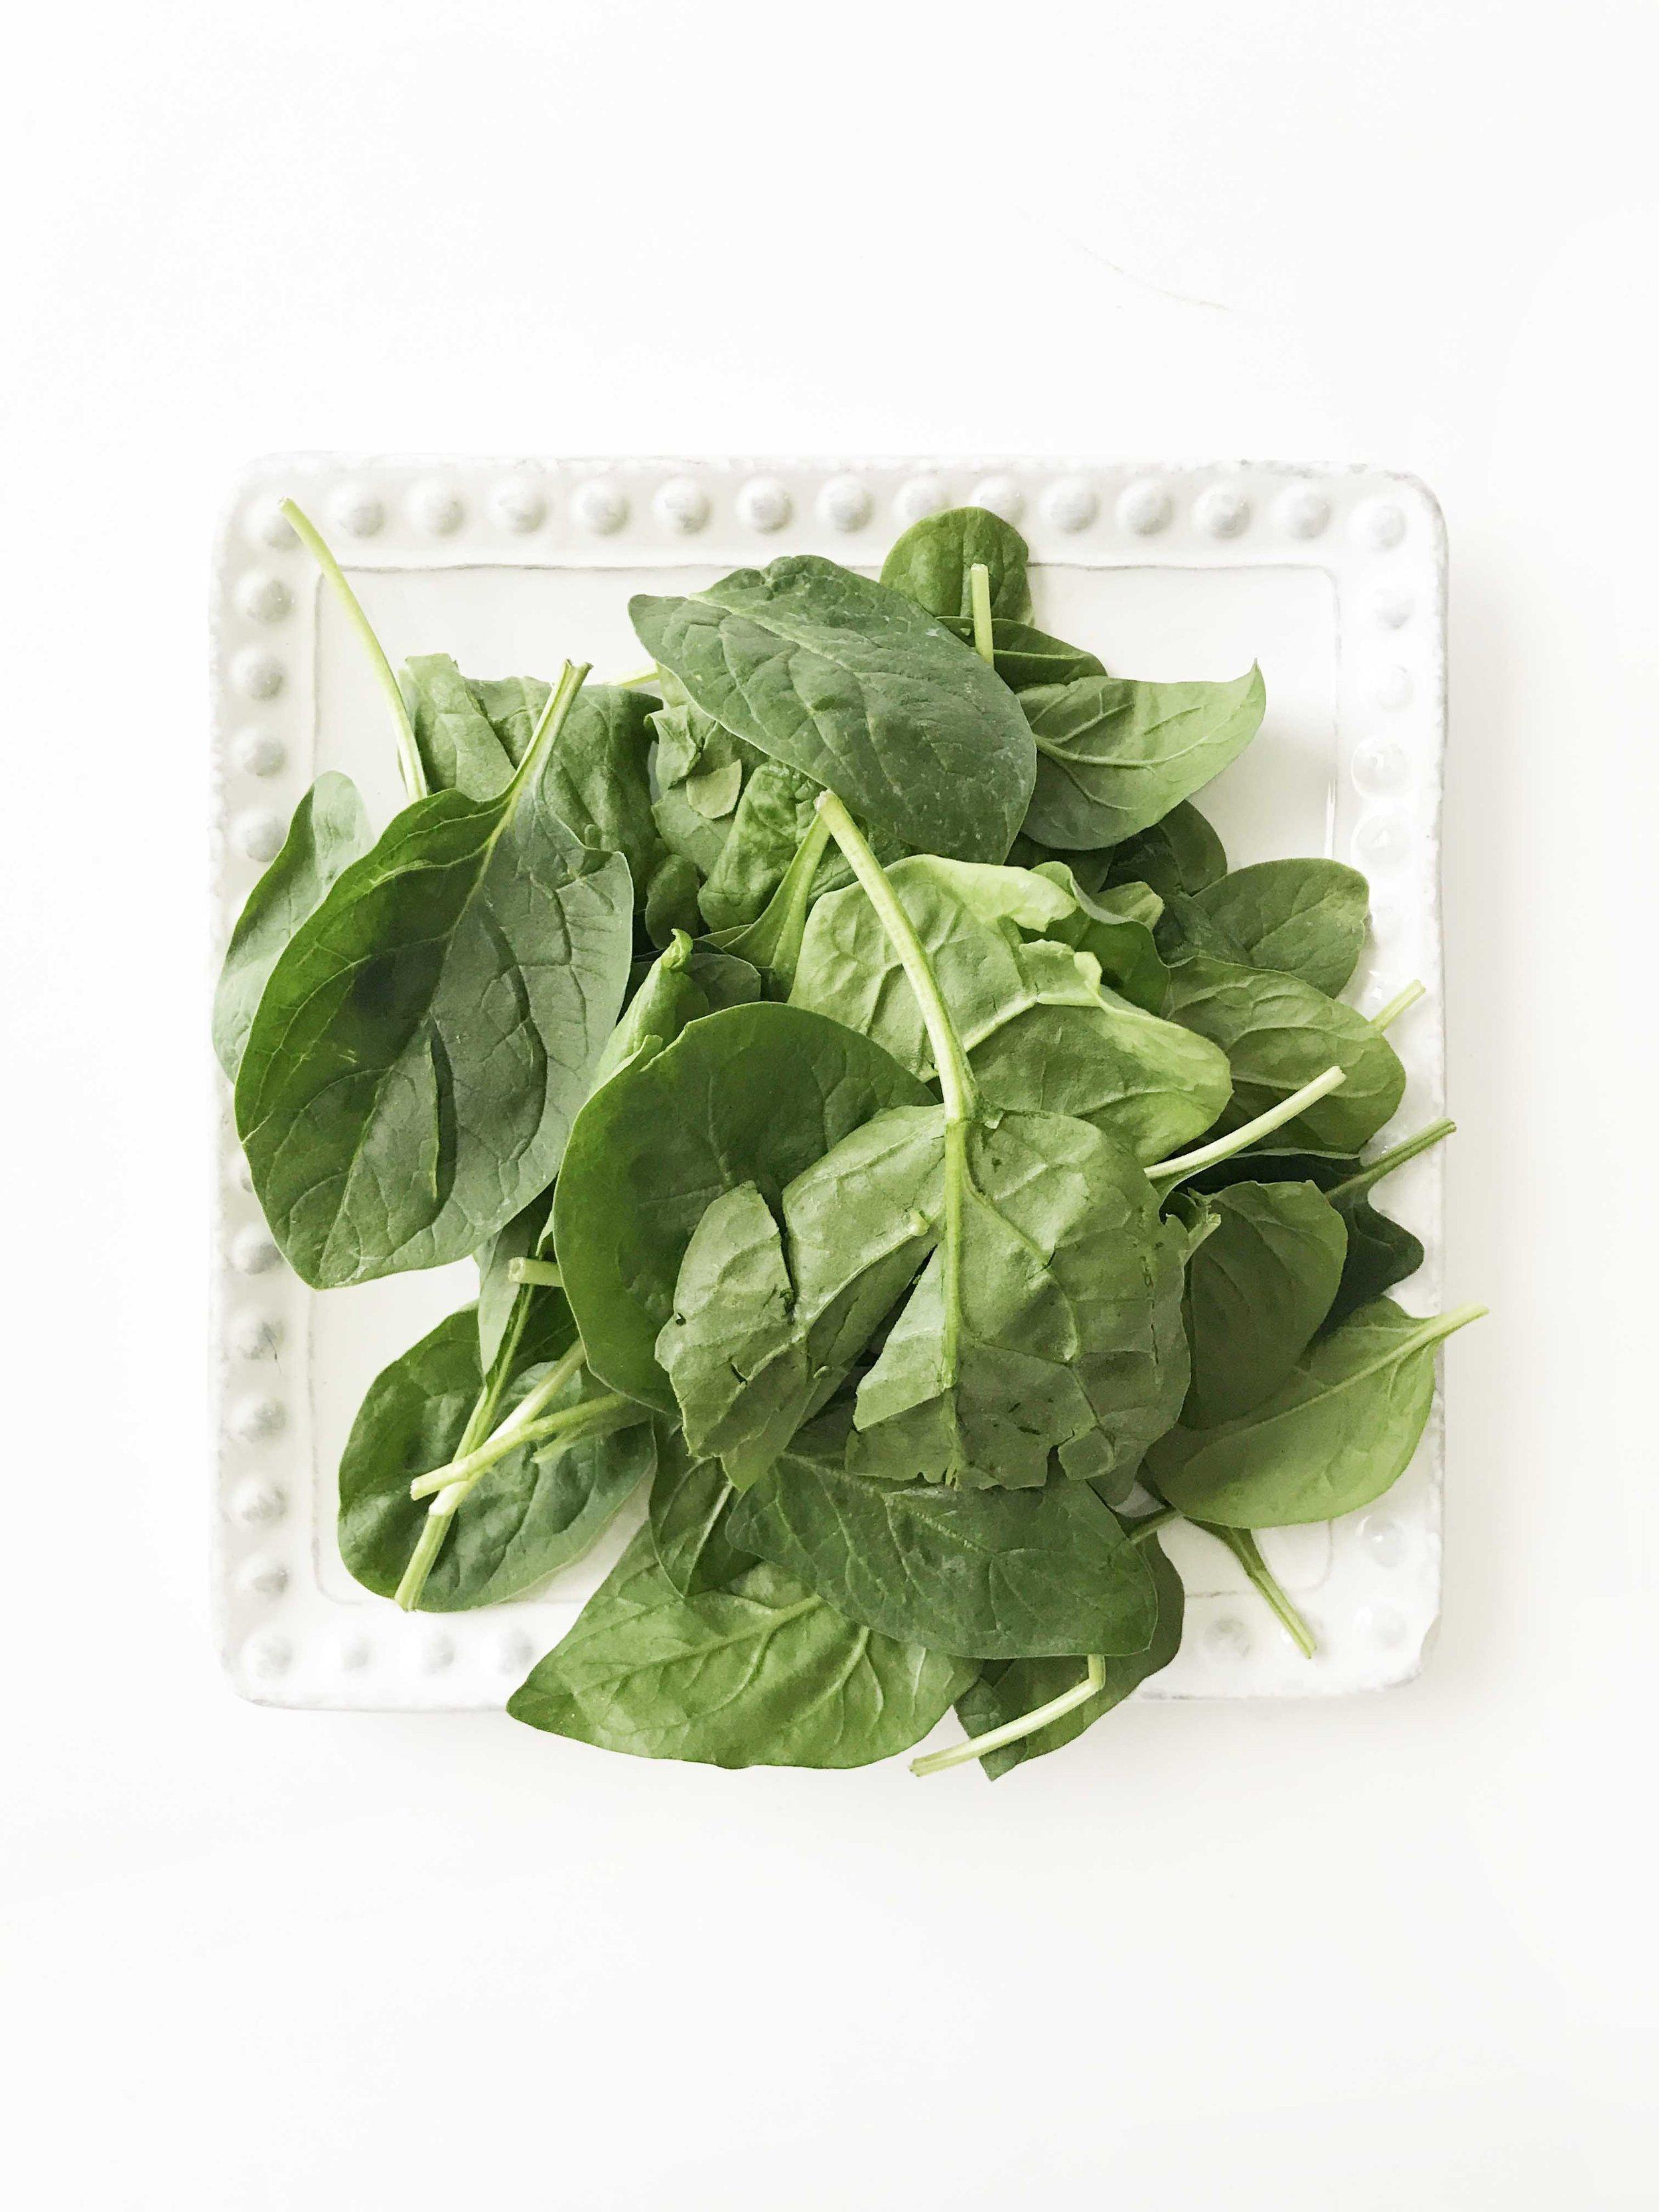 fall-harvest-salad2.jpg